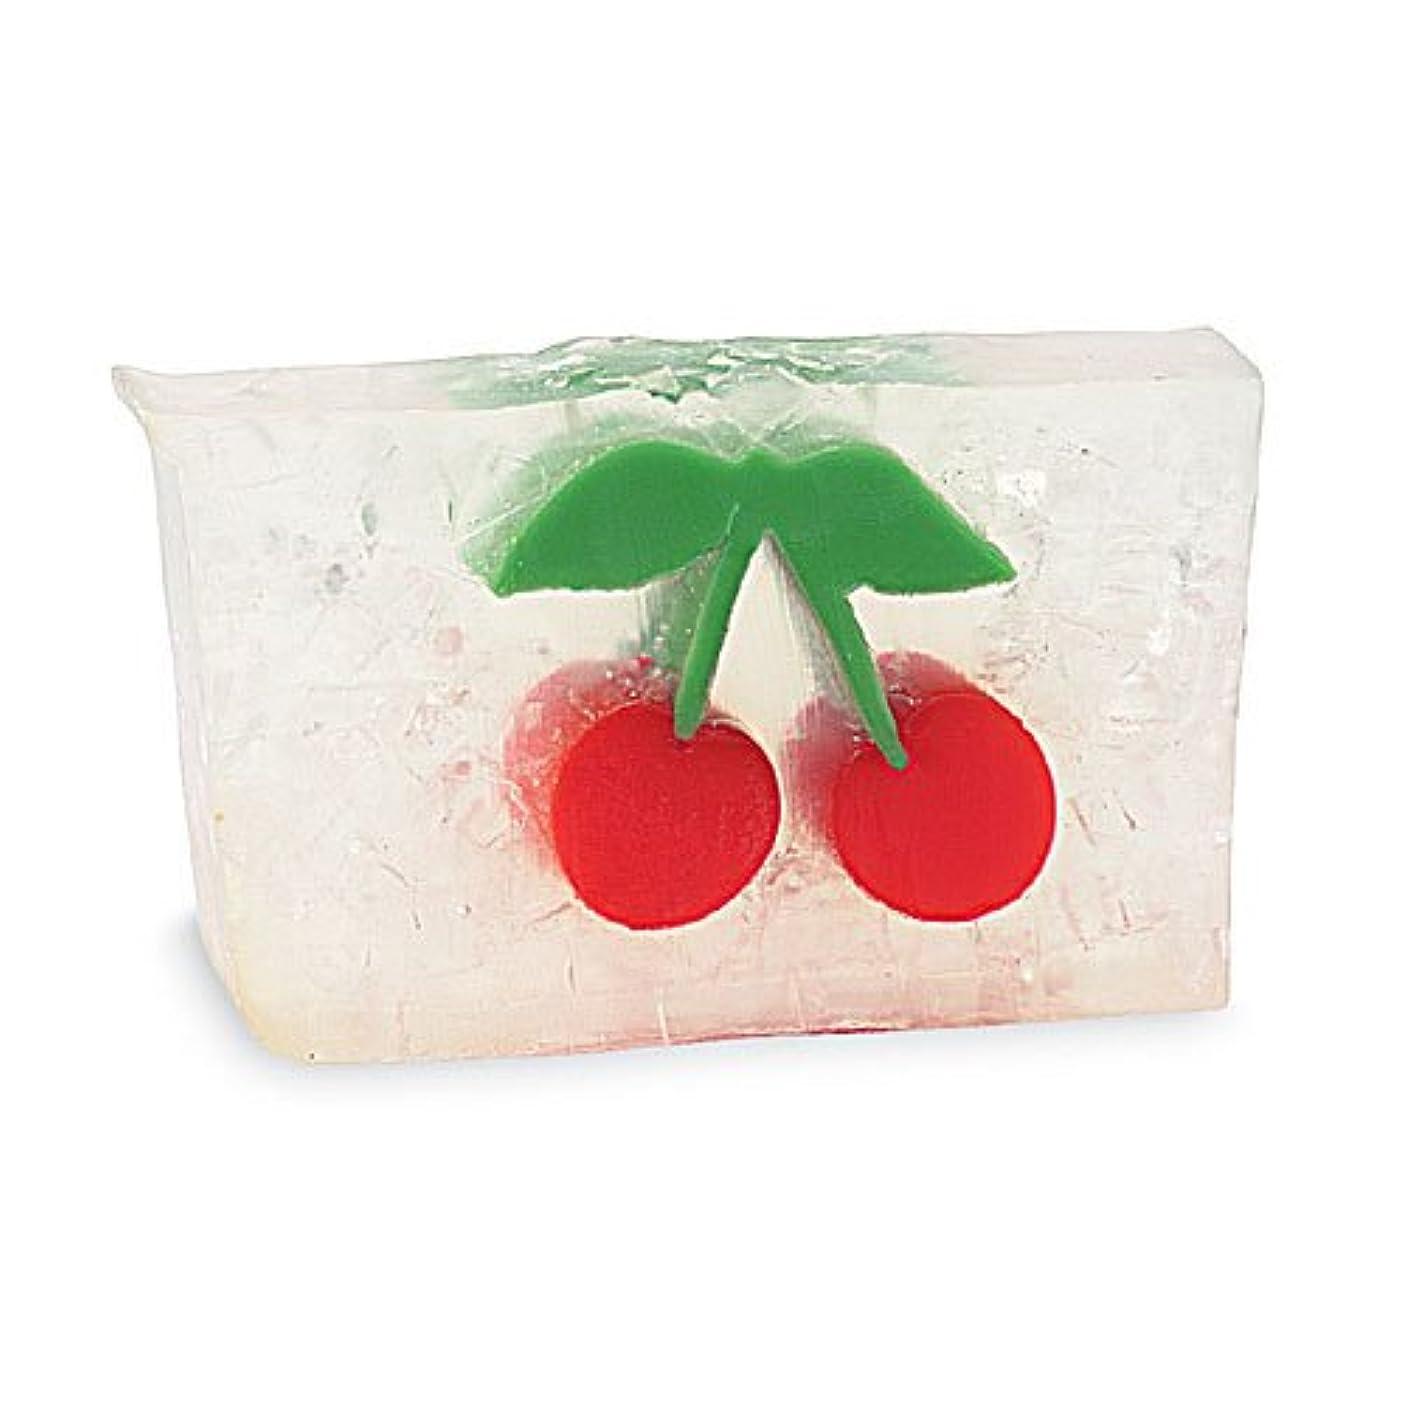 ラジカル敵対的体プライモールエレメンツ アロマティック ソープ チェリー 180g 植物性 ナチュラル 石鹸 無添加